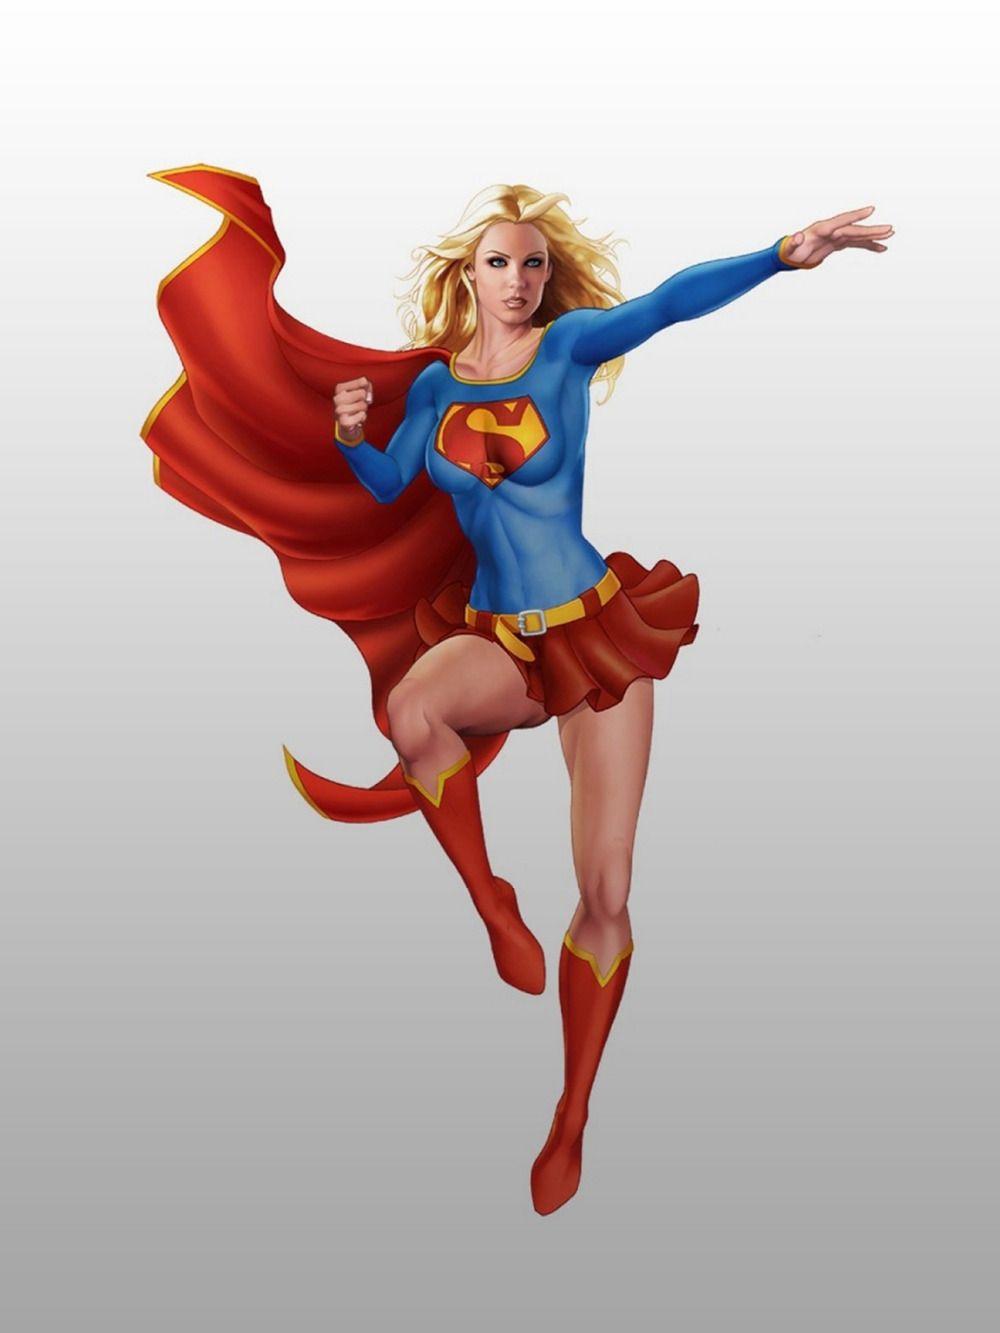 Картинки супер девушки анимация, россии